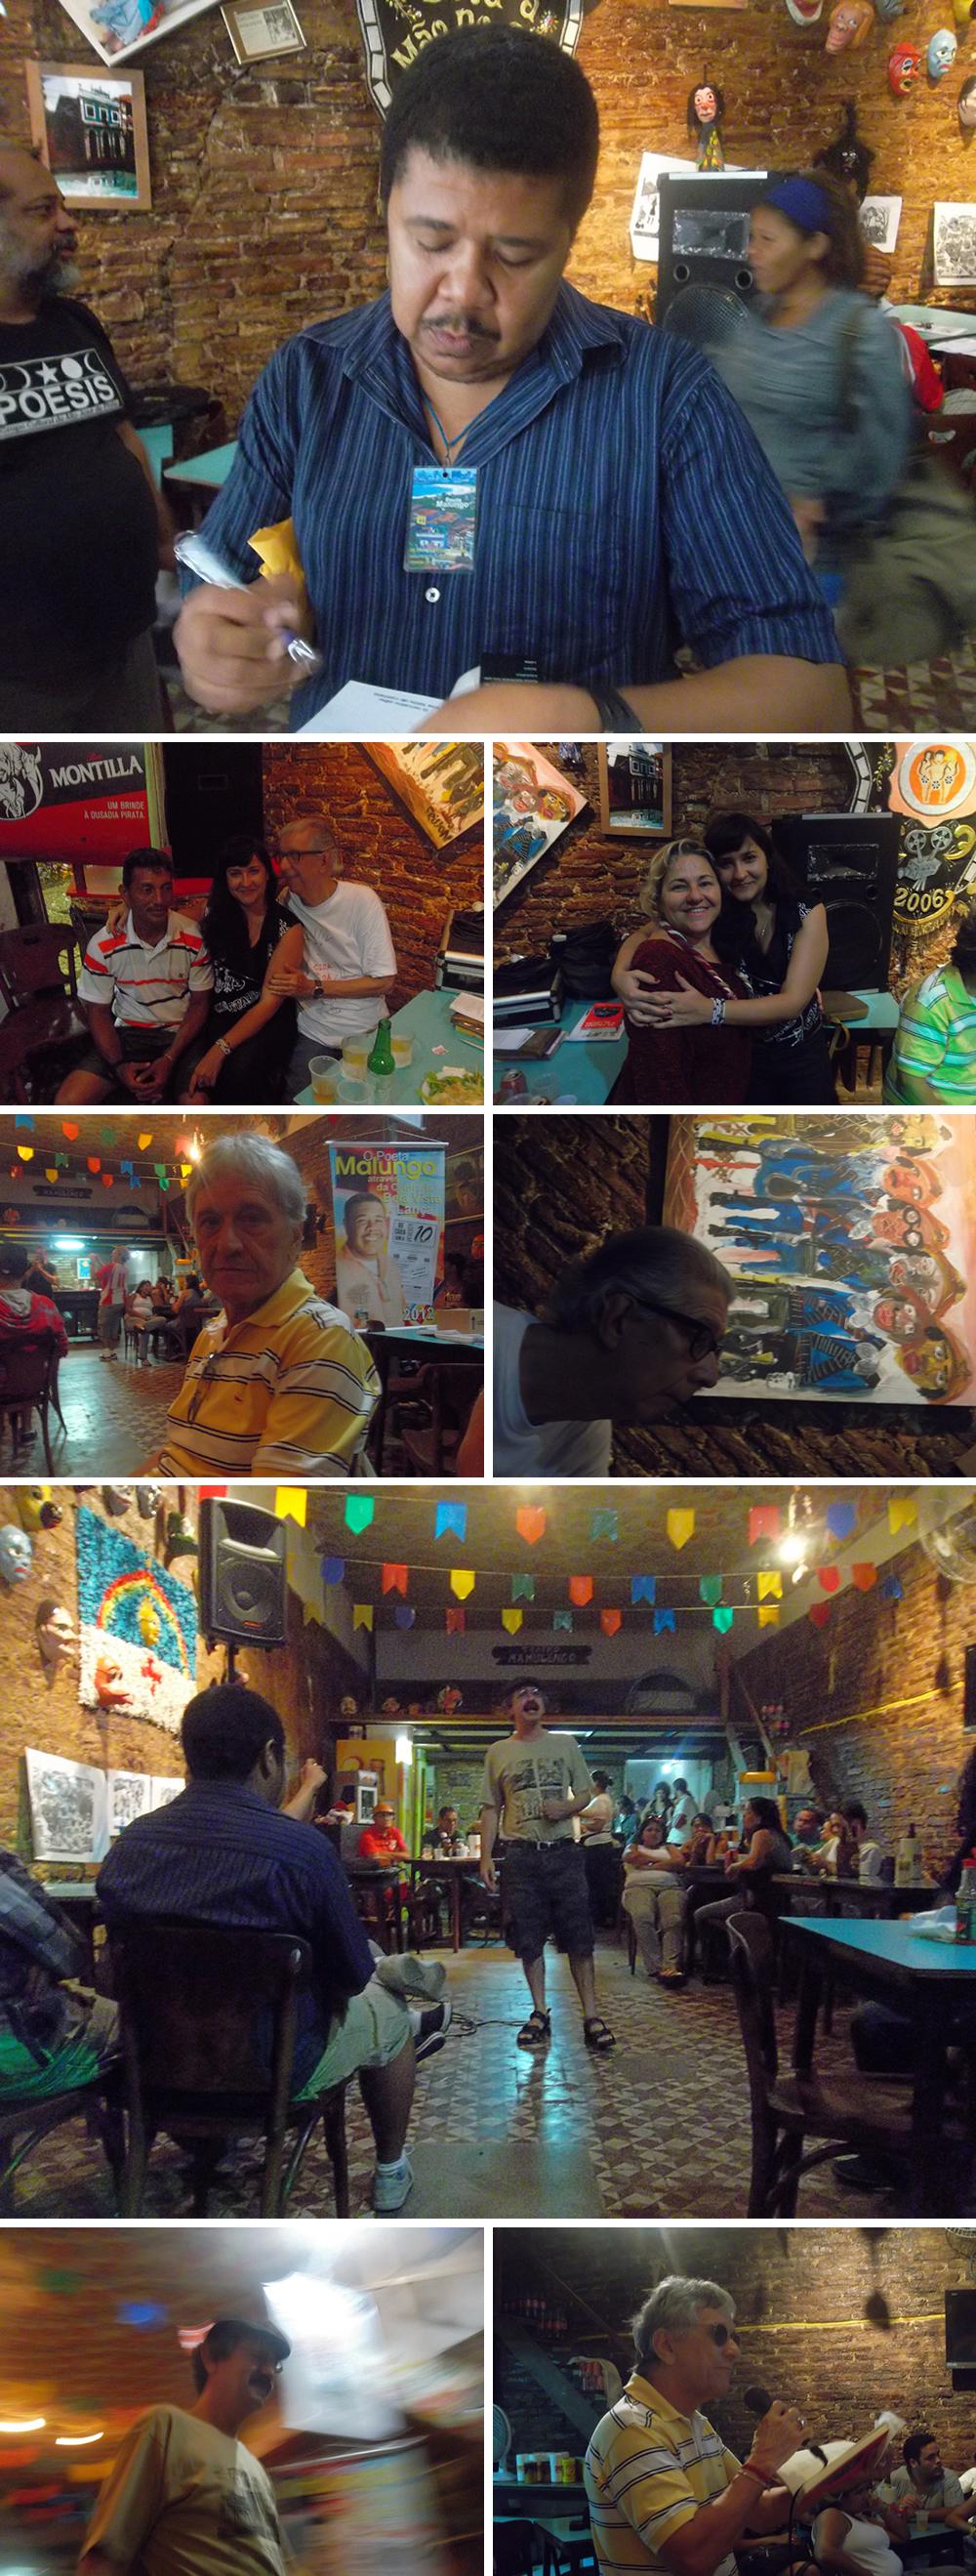 Fotos do evento de comemoração de 10 anos do 'De cara com a Poesia'